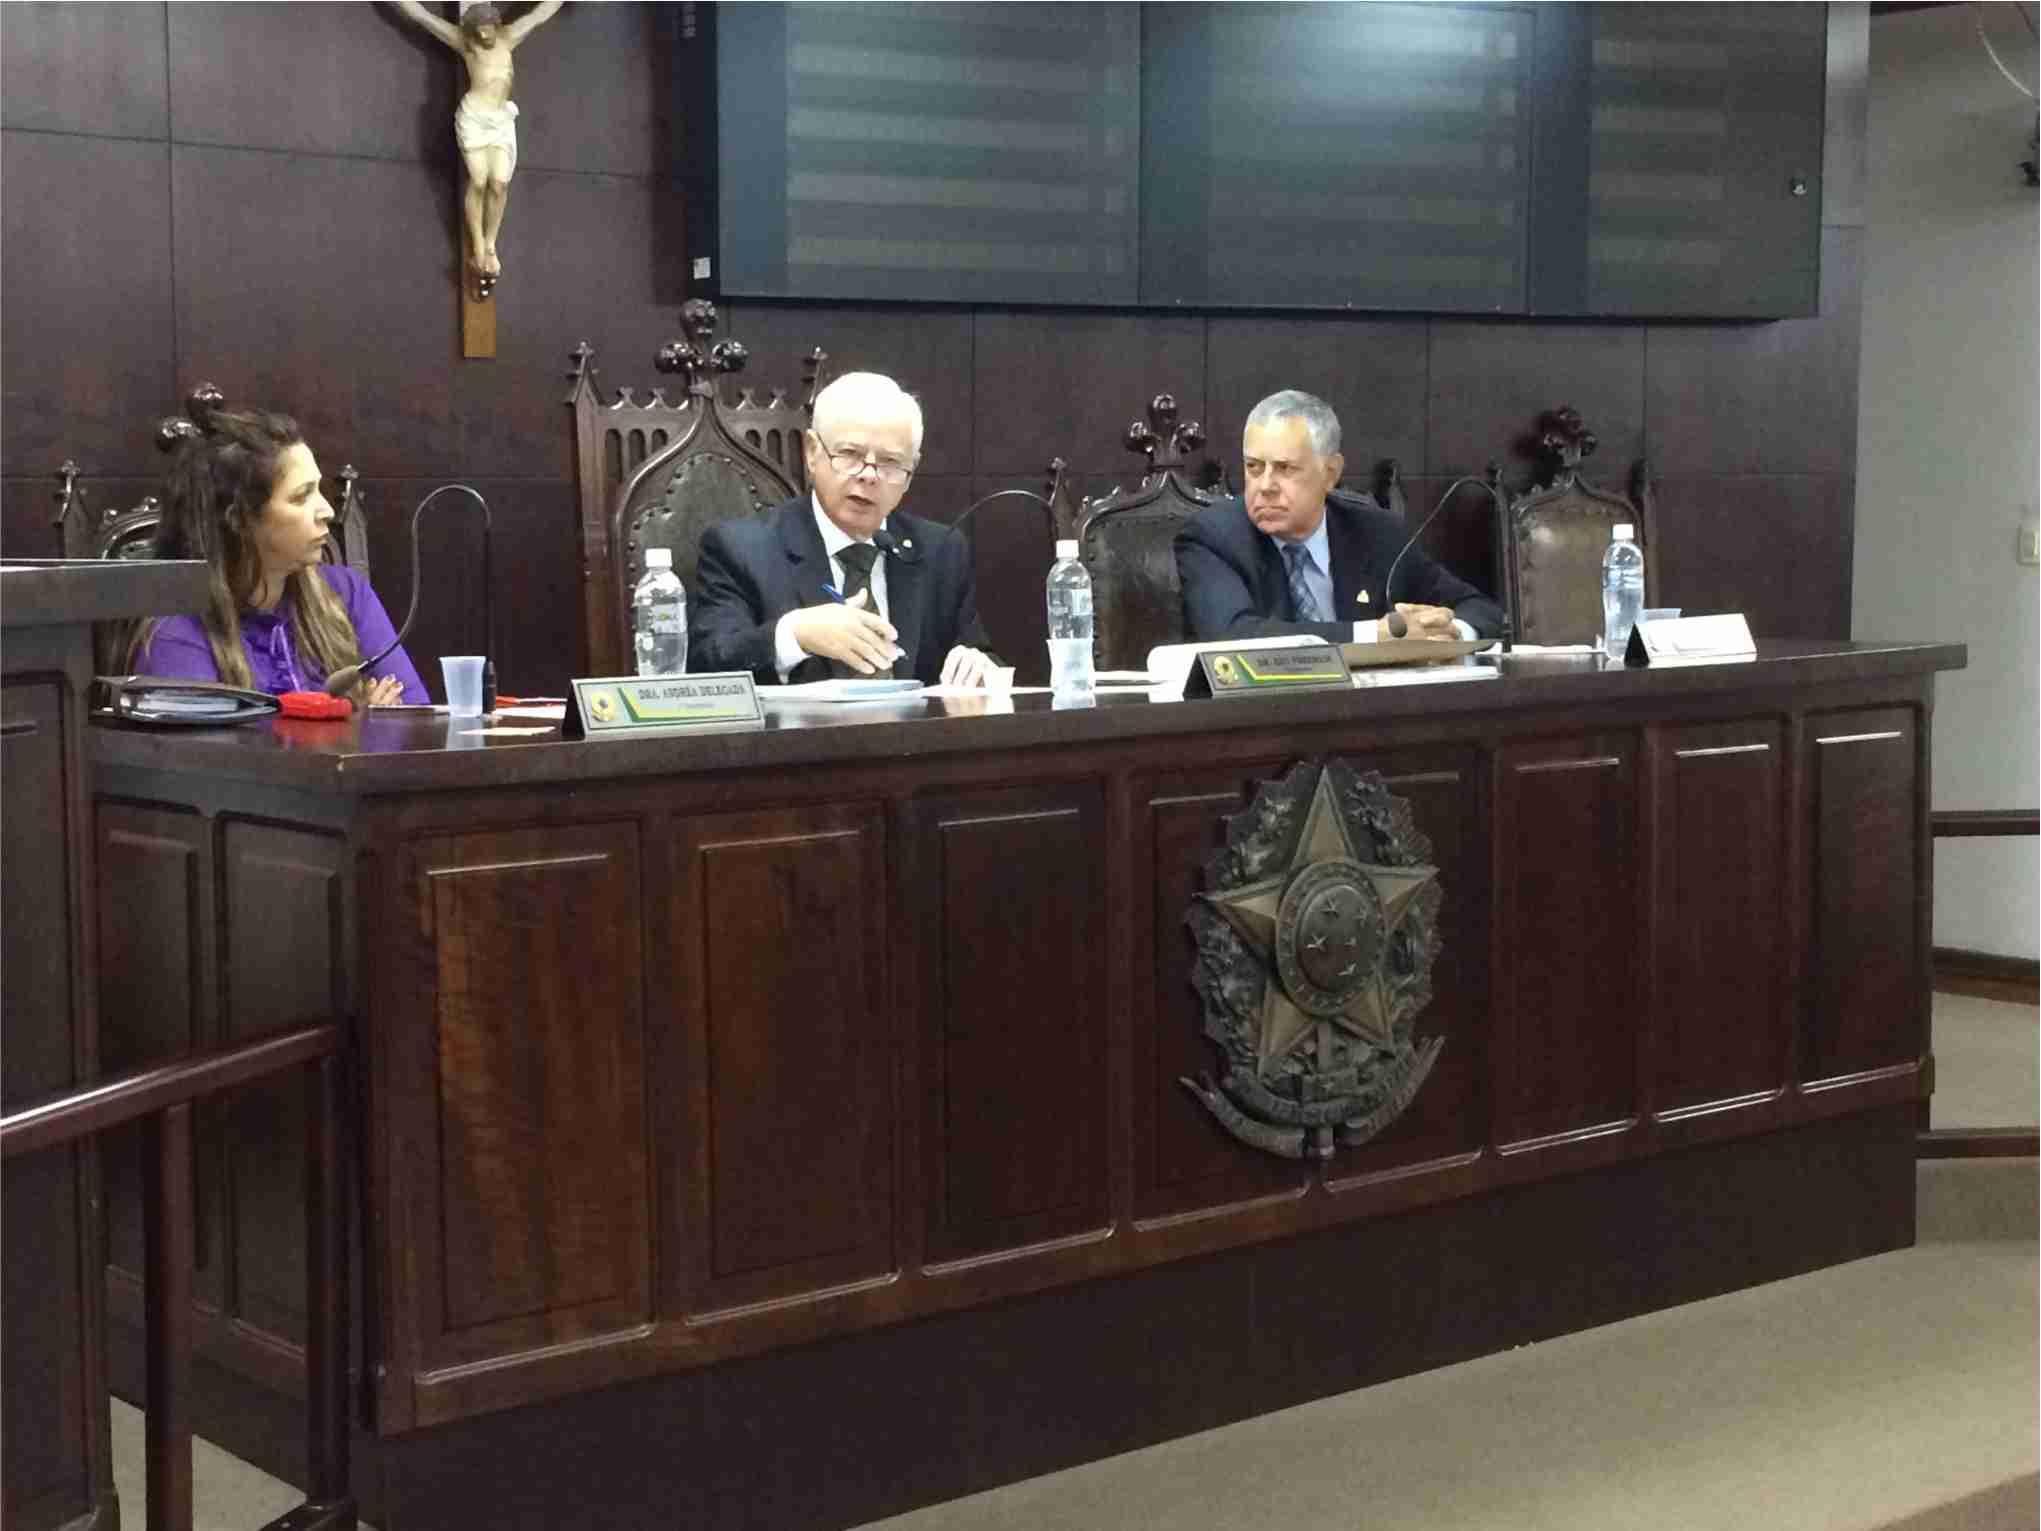 Vereador e presidente da Casa, Edu Fenerichi (PPS), no centro. Ao lado, Rubinho Gama (PTB) e Drª Andréa (PSDB) (Foto: Câmara M. de Jaboticabal)